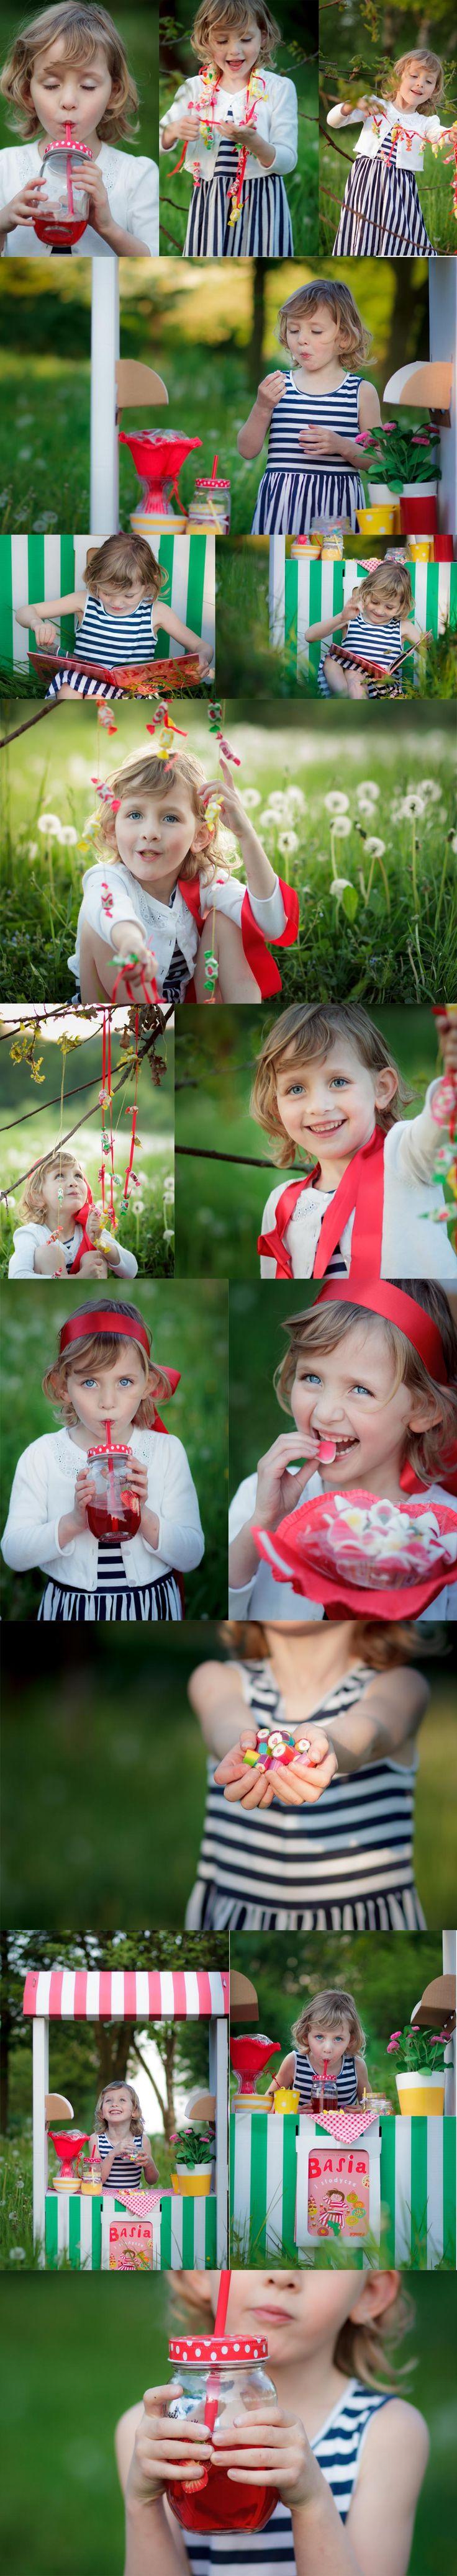 Basia i słodycze | http://krysiasudol.pl/sesja/basia-i-slodycze/